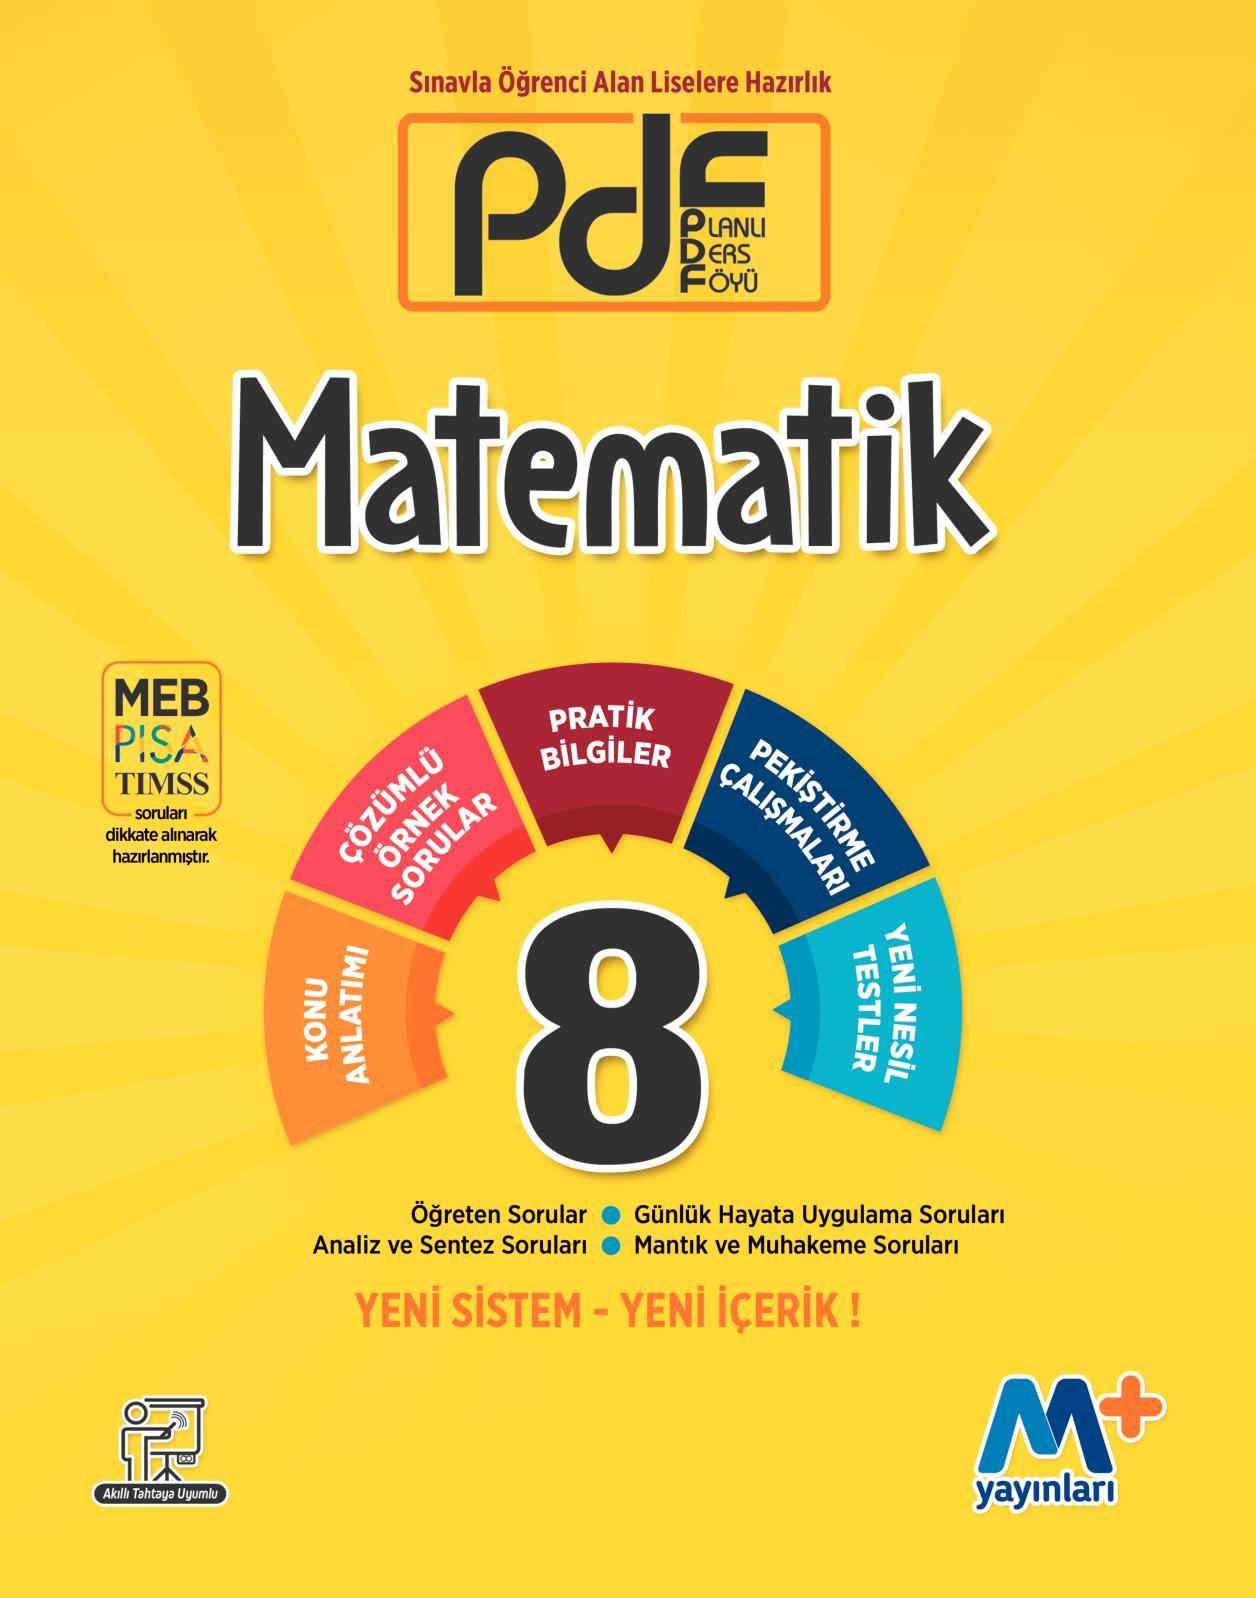 Calameo M Yayinlari 8 Sinif Pdf Matematik Kitabi